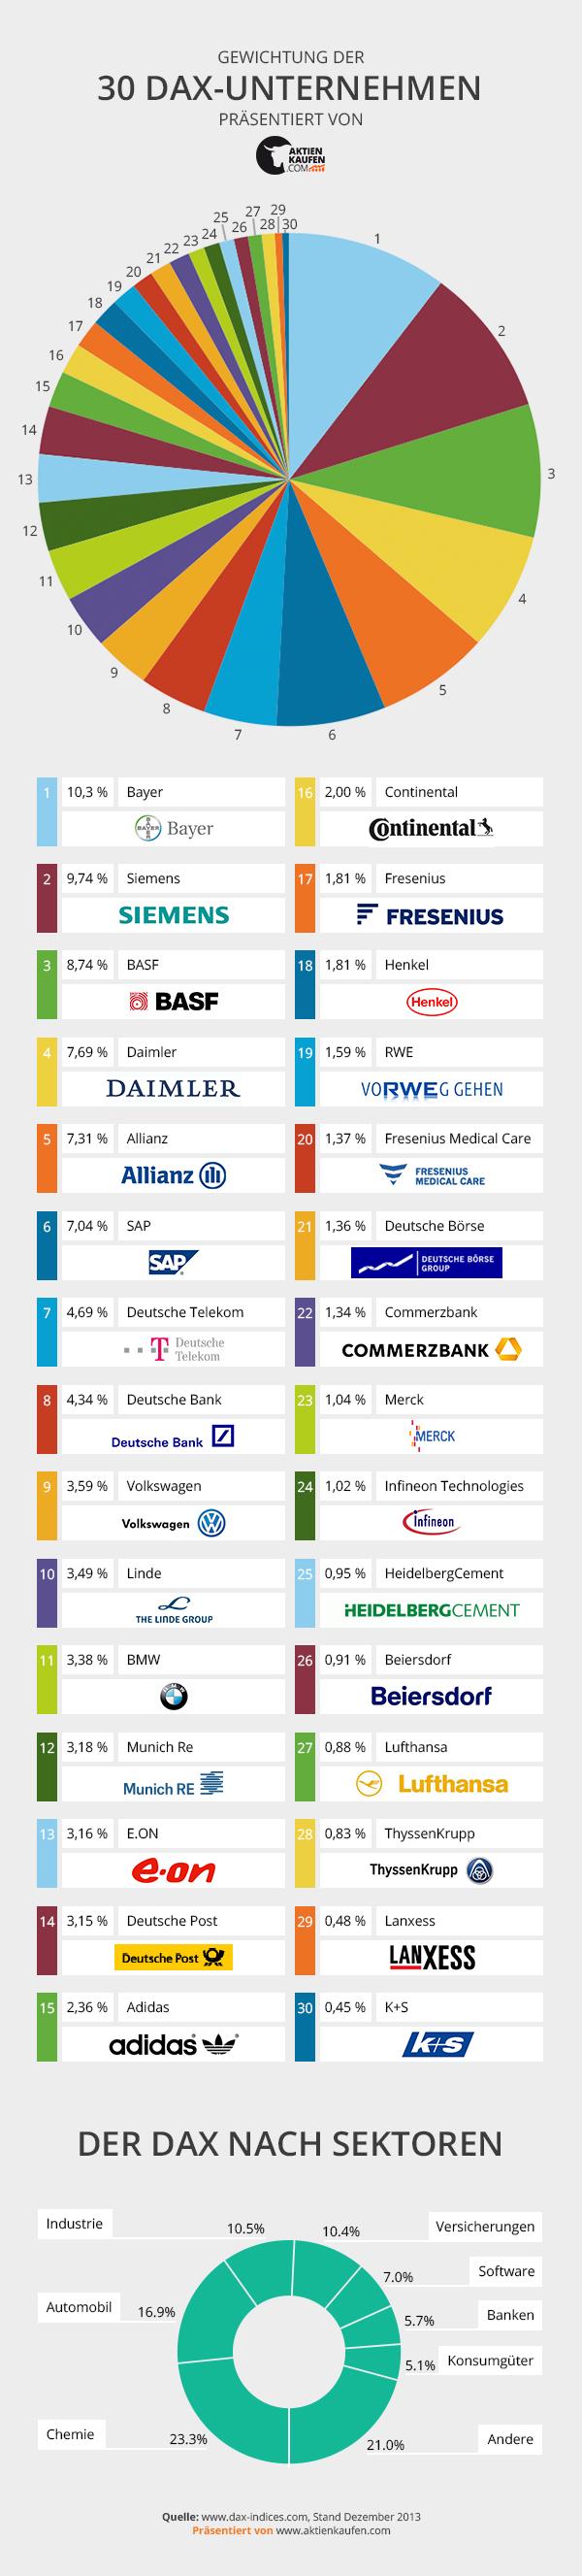 Die 30 Unternehmen im Dax